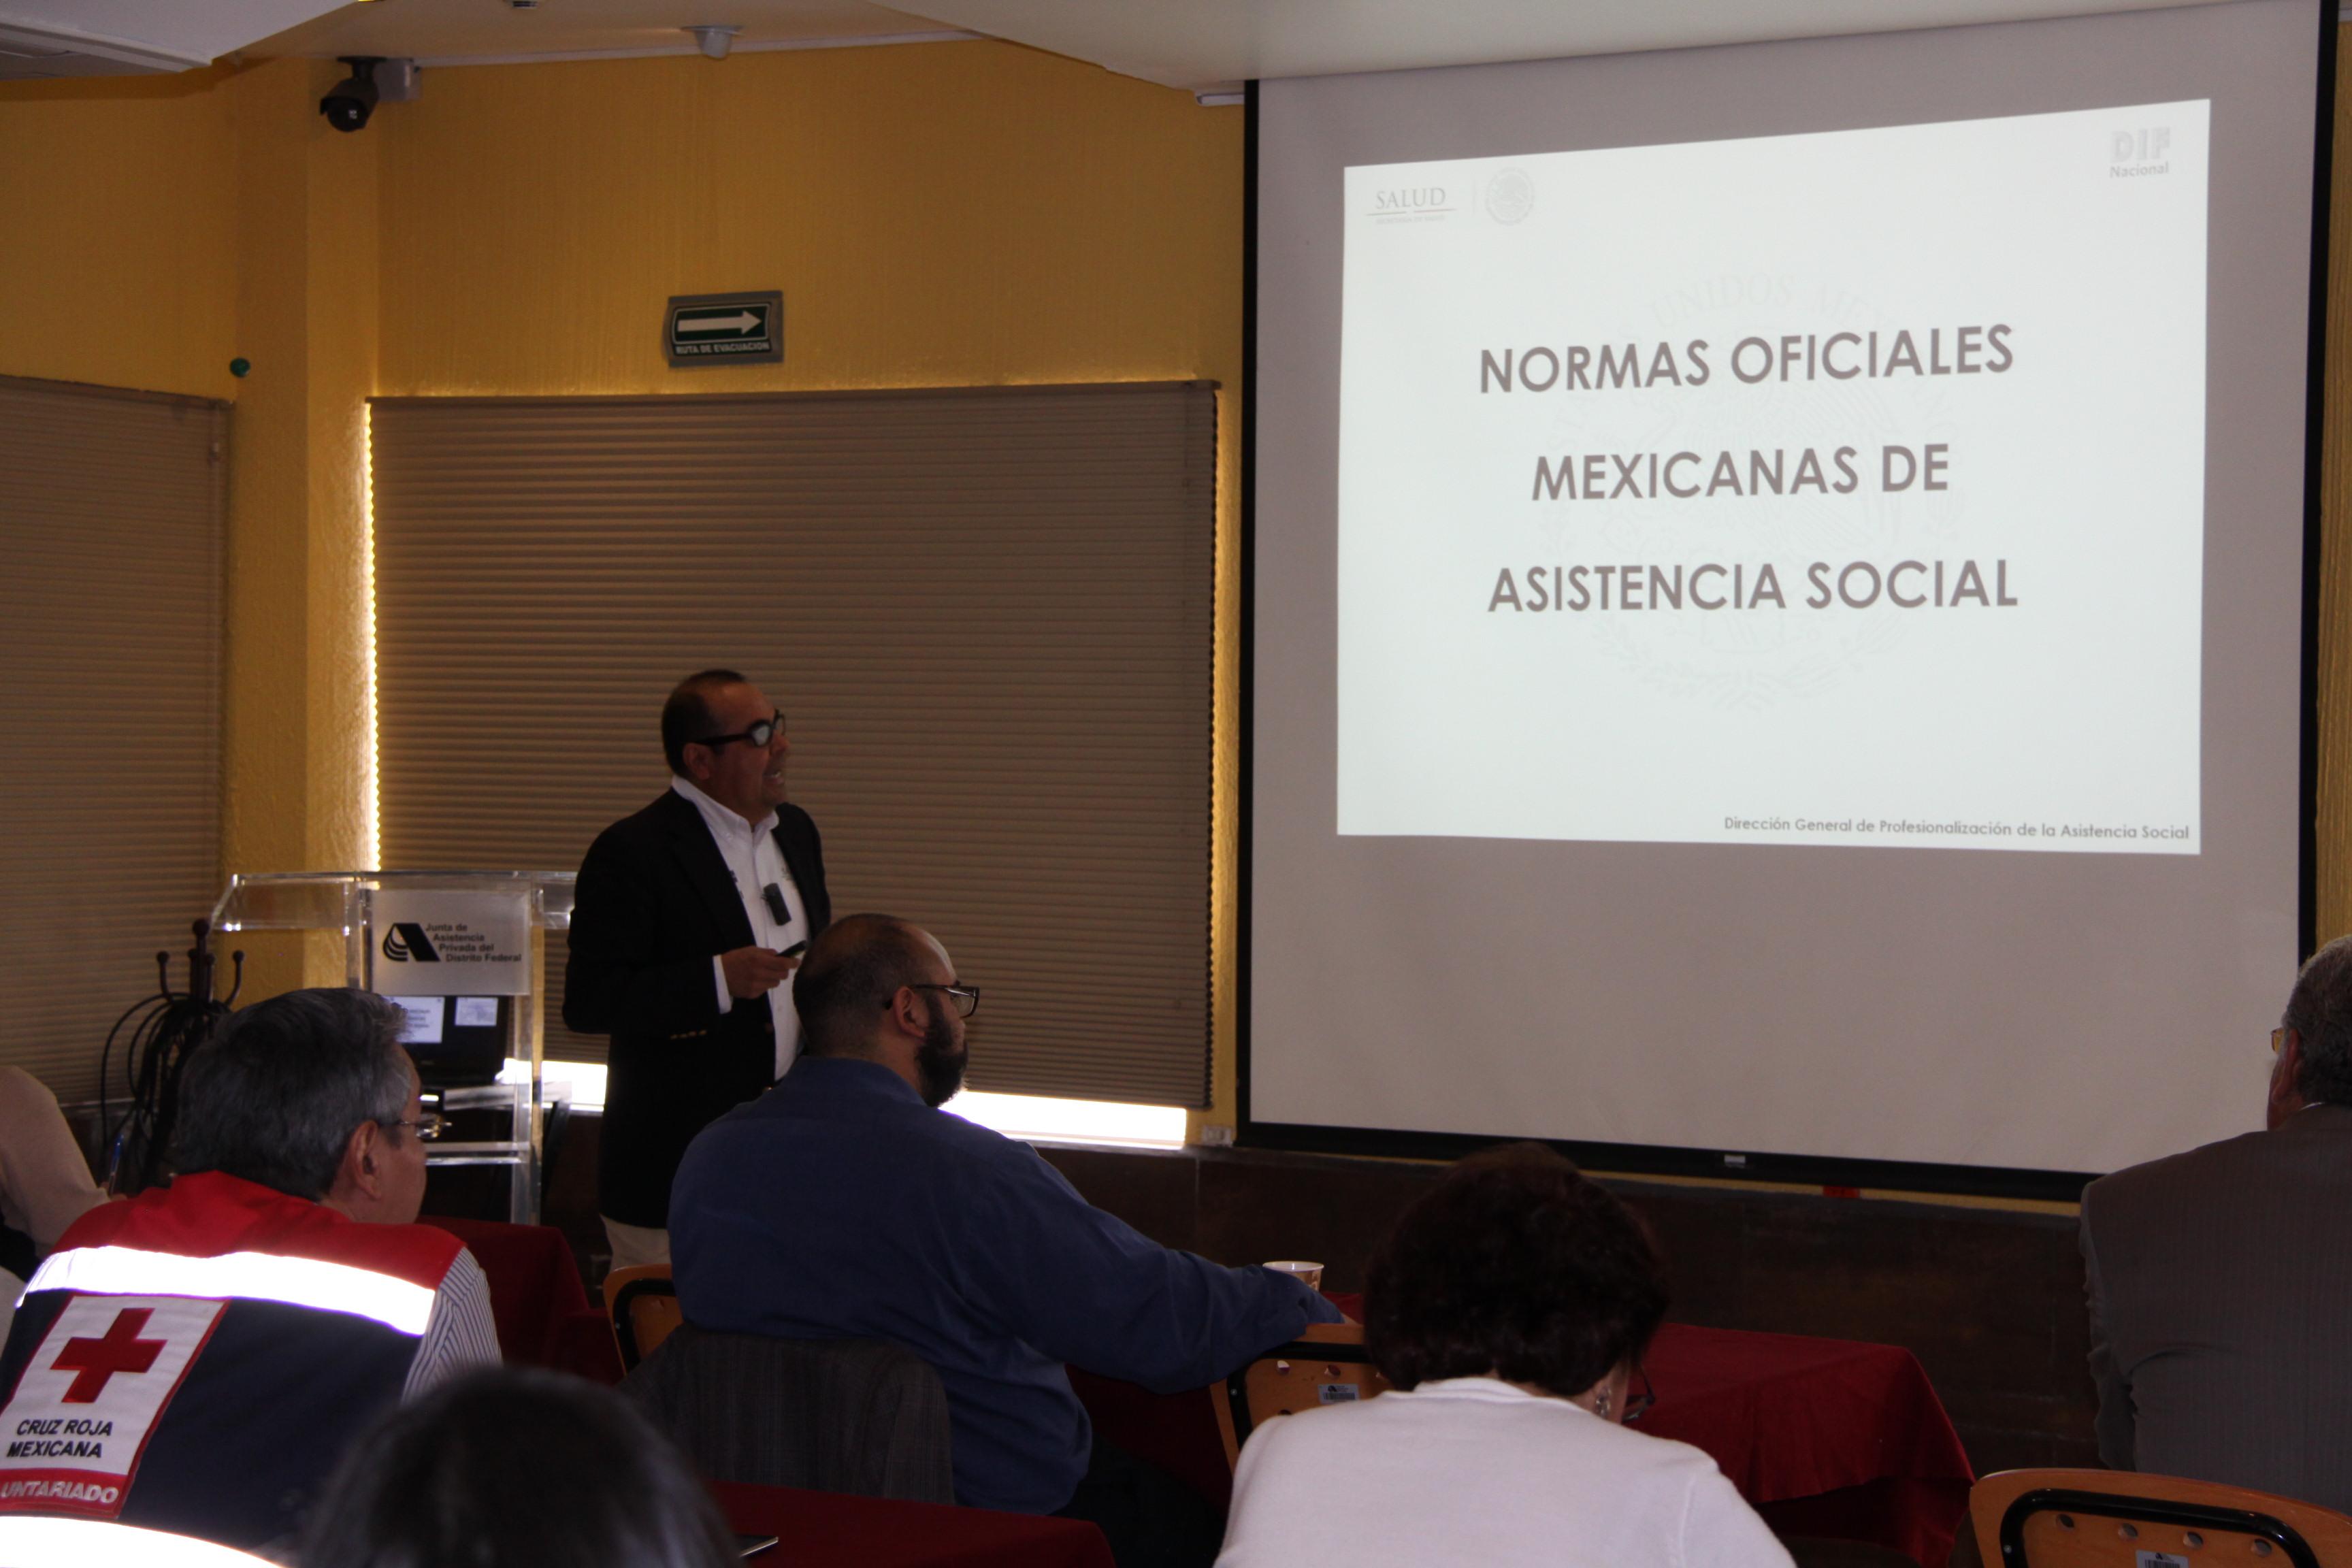 Plática sobre las Normas Oficiales Mexicanas de Asistencia Social